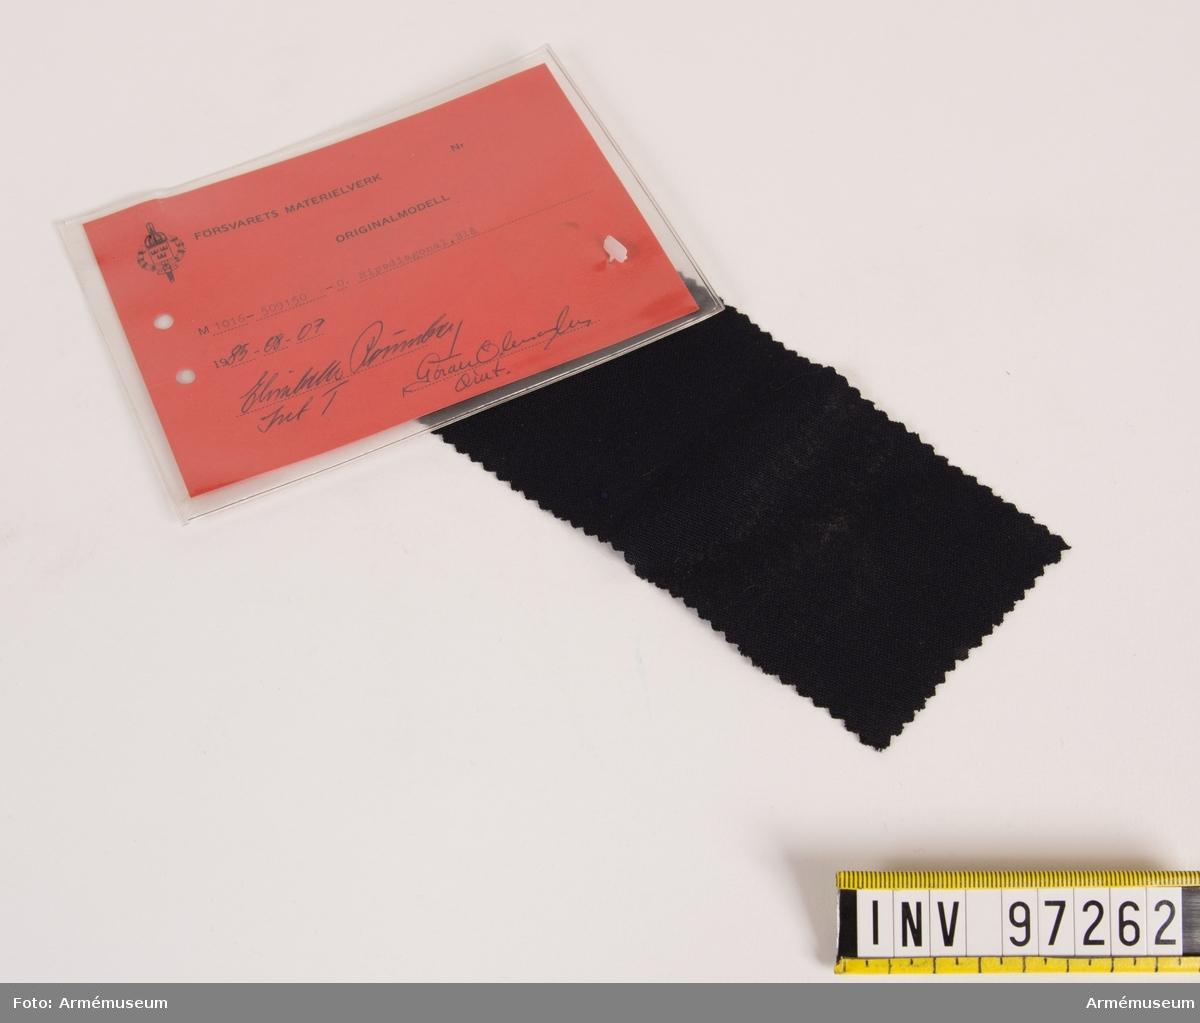 """Vidhängande modellapp med text: """"Försvarets materielverk. Originalmodell. M 1016-509150-0. Ripsdiagonal, blå. 1985-08-07. Elisabeth Rönnberg IntT, Göran Olmarker QInt."""""""